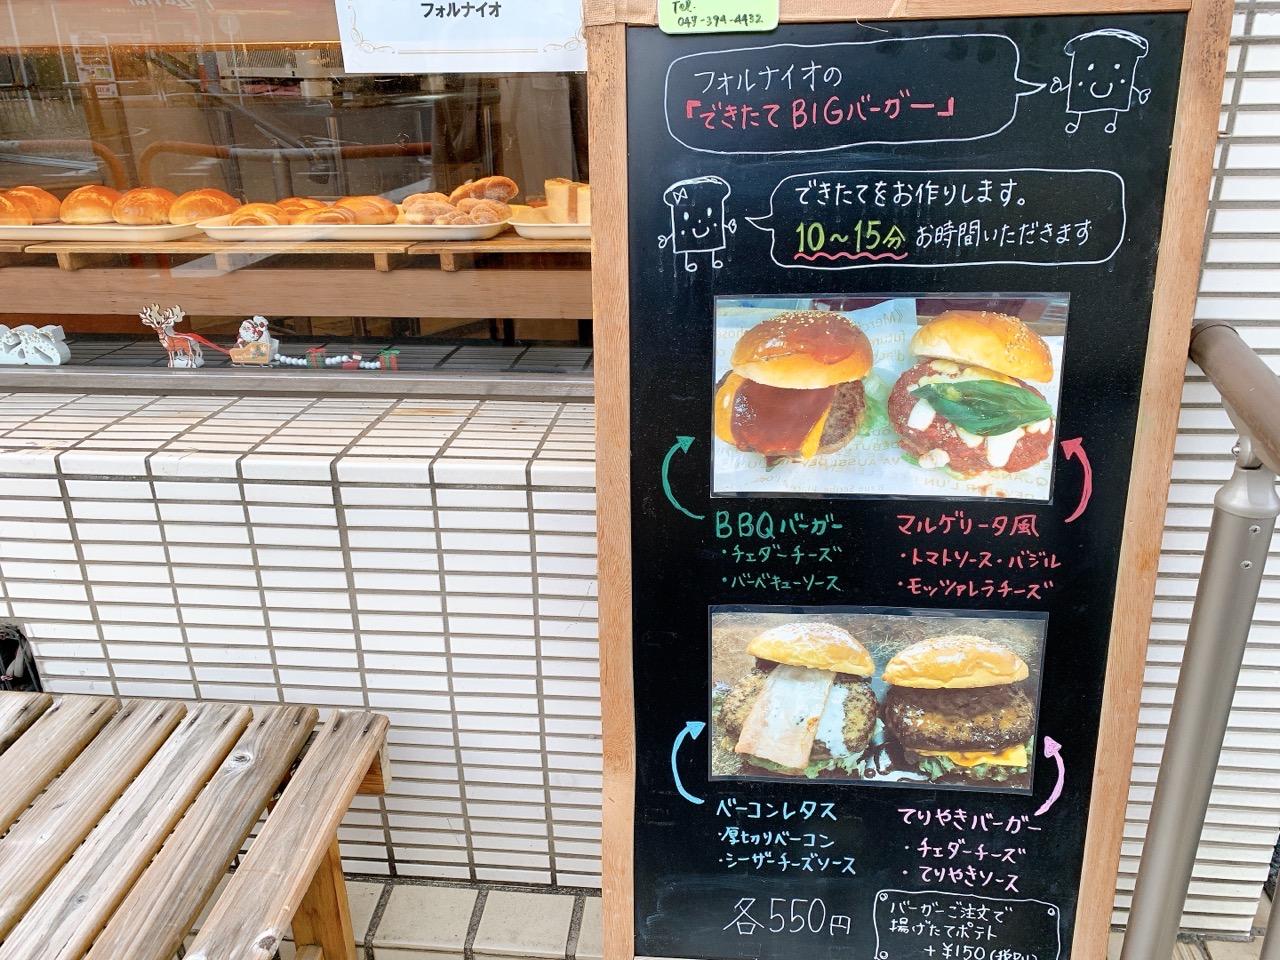 石窯ピッツァとパンの店 フォルナイオのハンバーガーメニュー